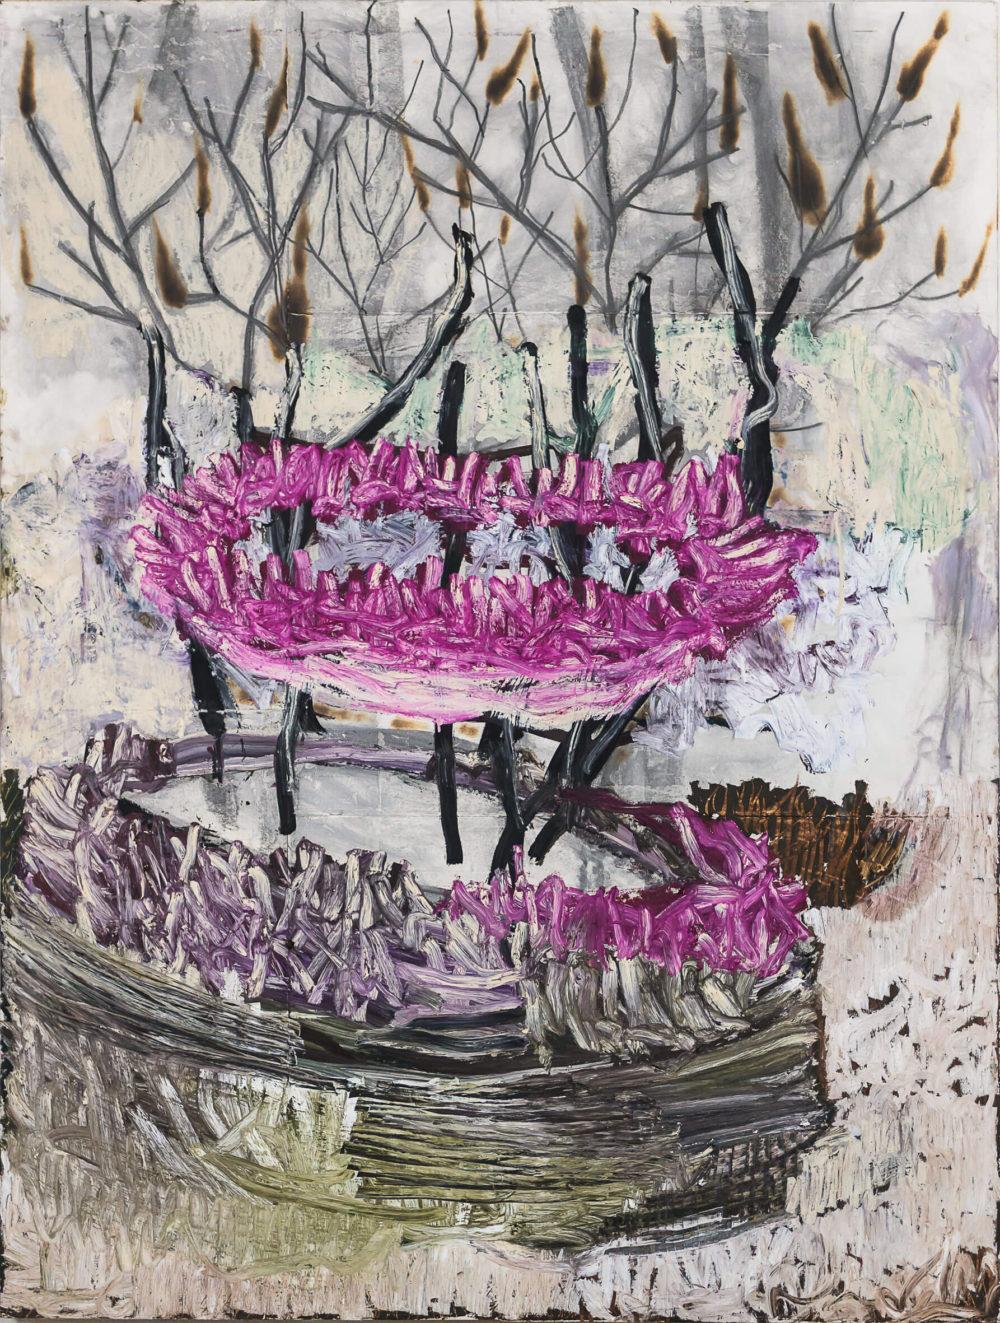 Farinelli, 2019, Grafit, Ölkreide und Feuer auf Bütten auf Holz, 200 x 152 cm VG Bild-Kunst, Bonn 2020/ Horst Thürheimer, Foto: Felix Weinold